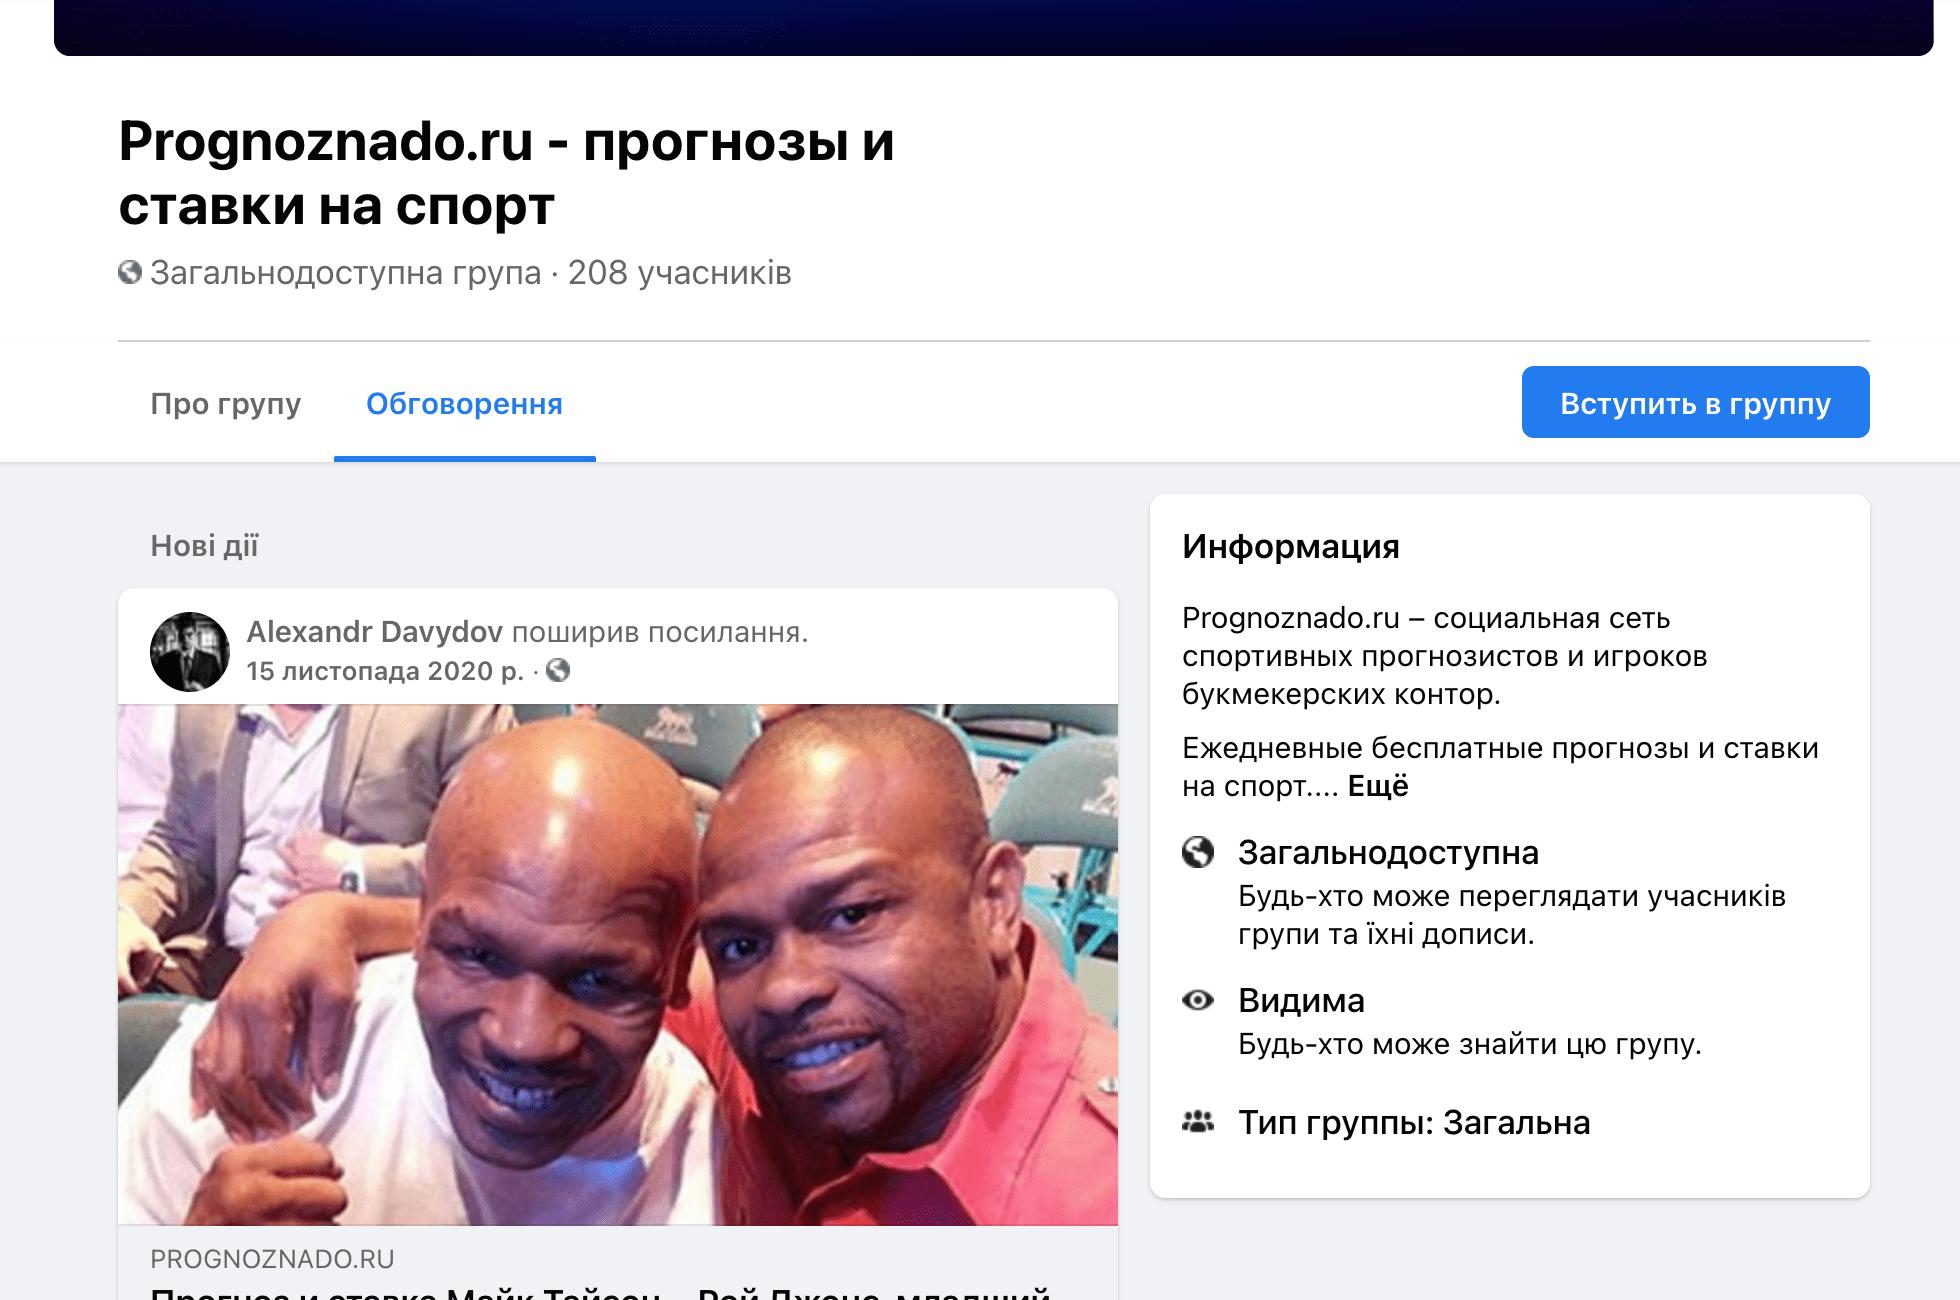 Фейсбук Prognoznado ru (ПрогнозНадо ру)